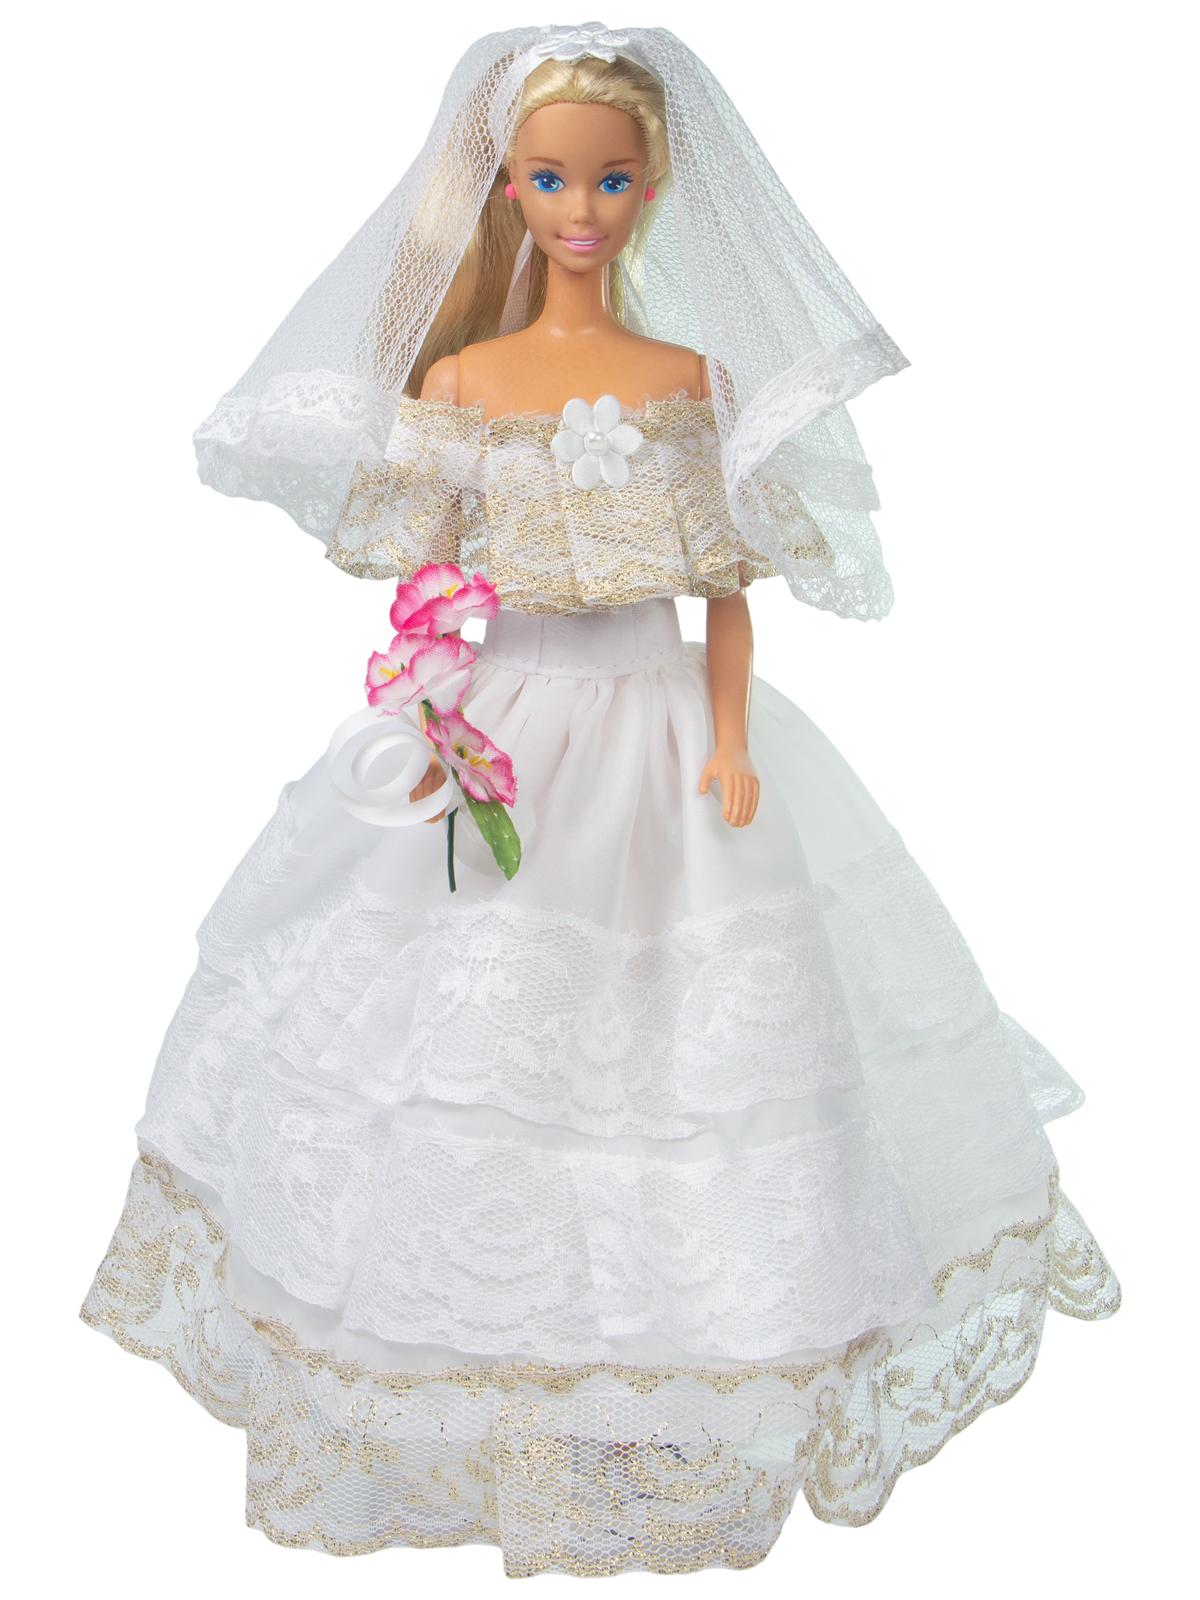 Одежда для кукол Модница Наряд невесты для куклы 29 см белый, золотой